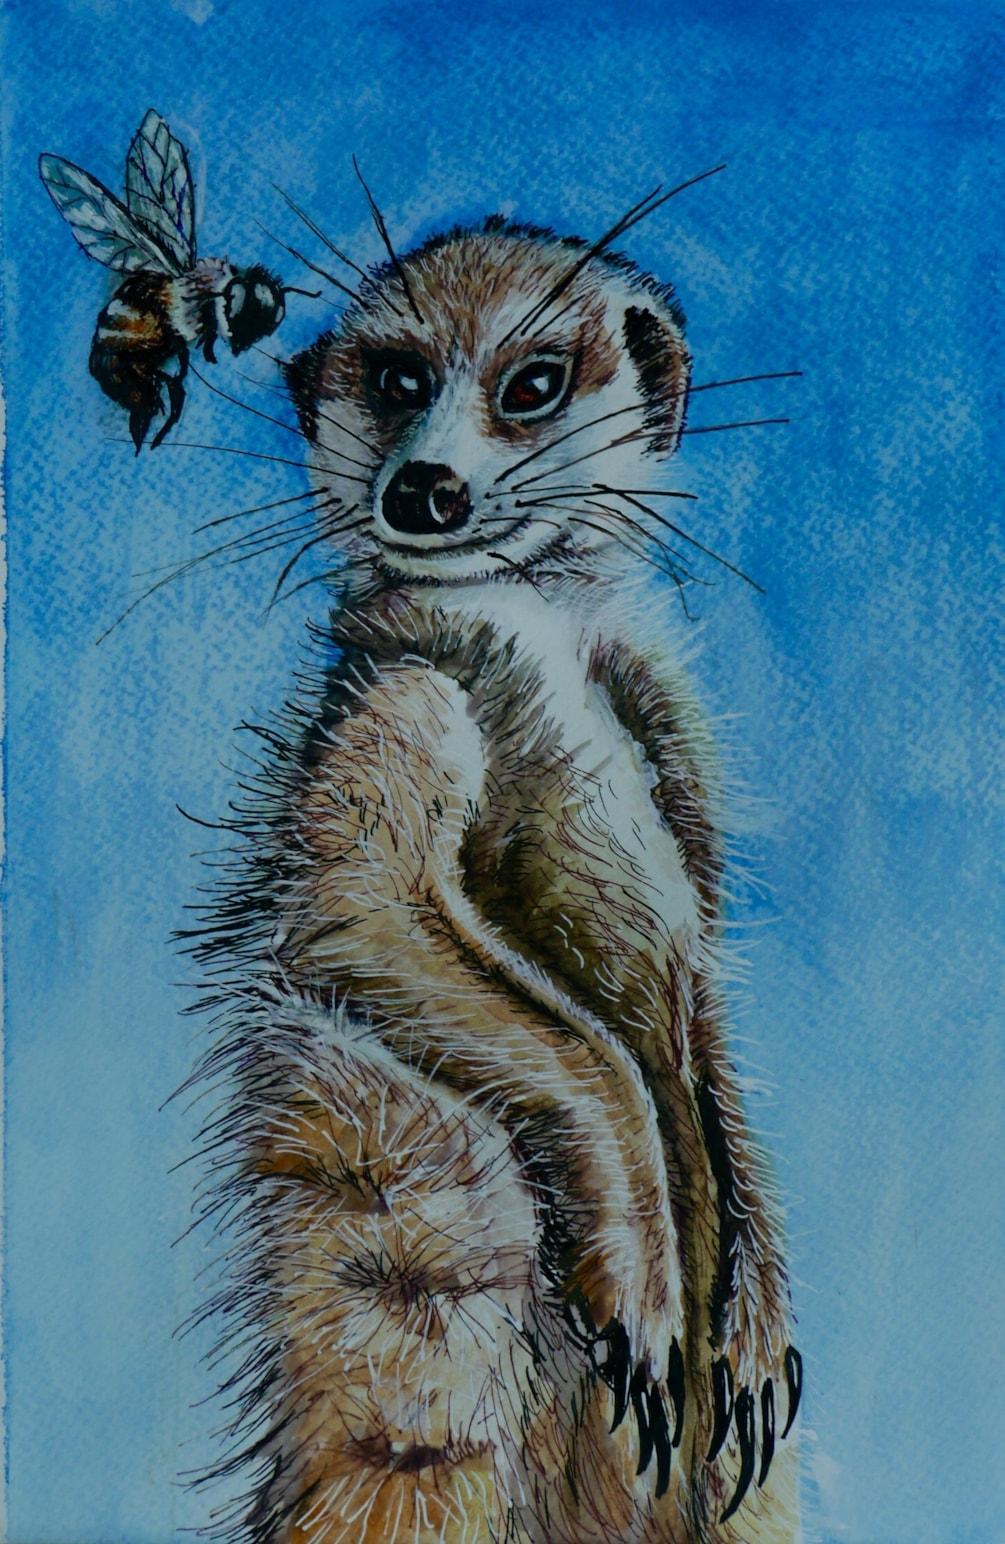 Meerkat and Bee